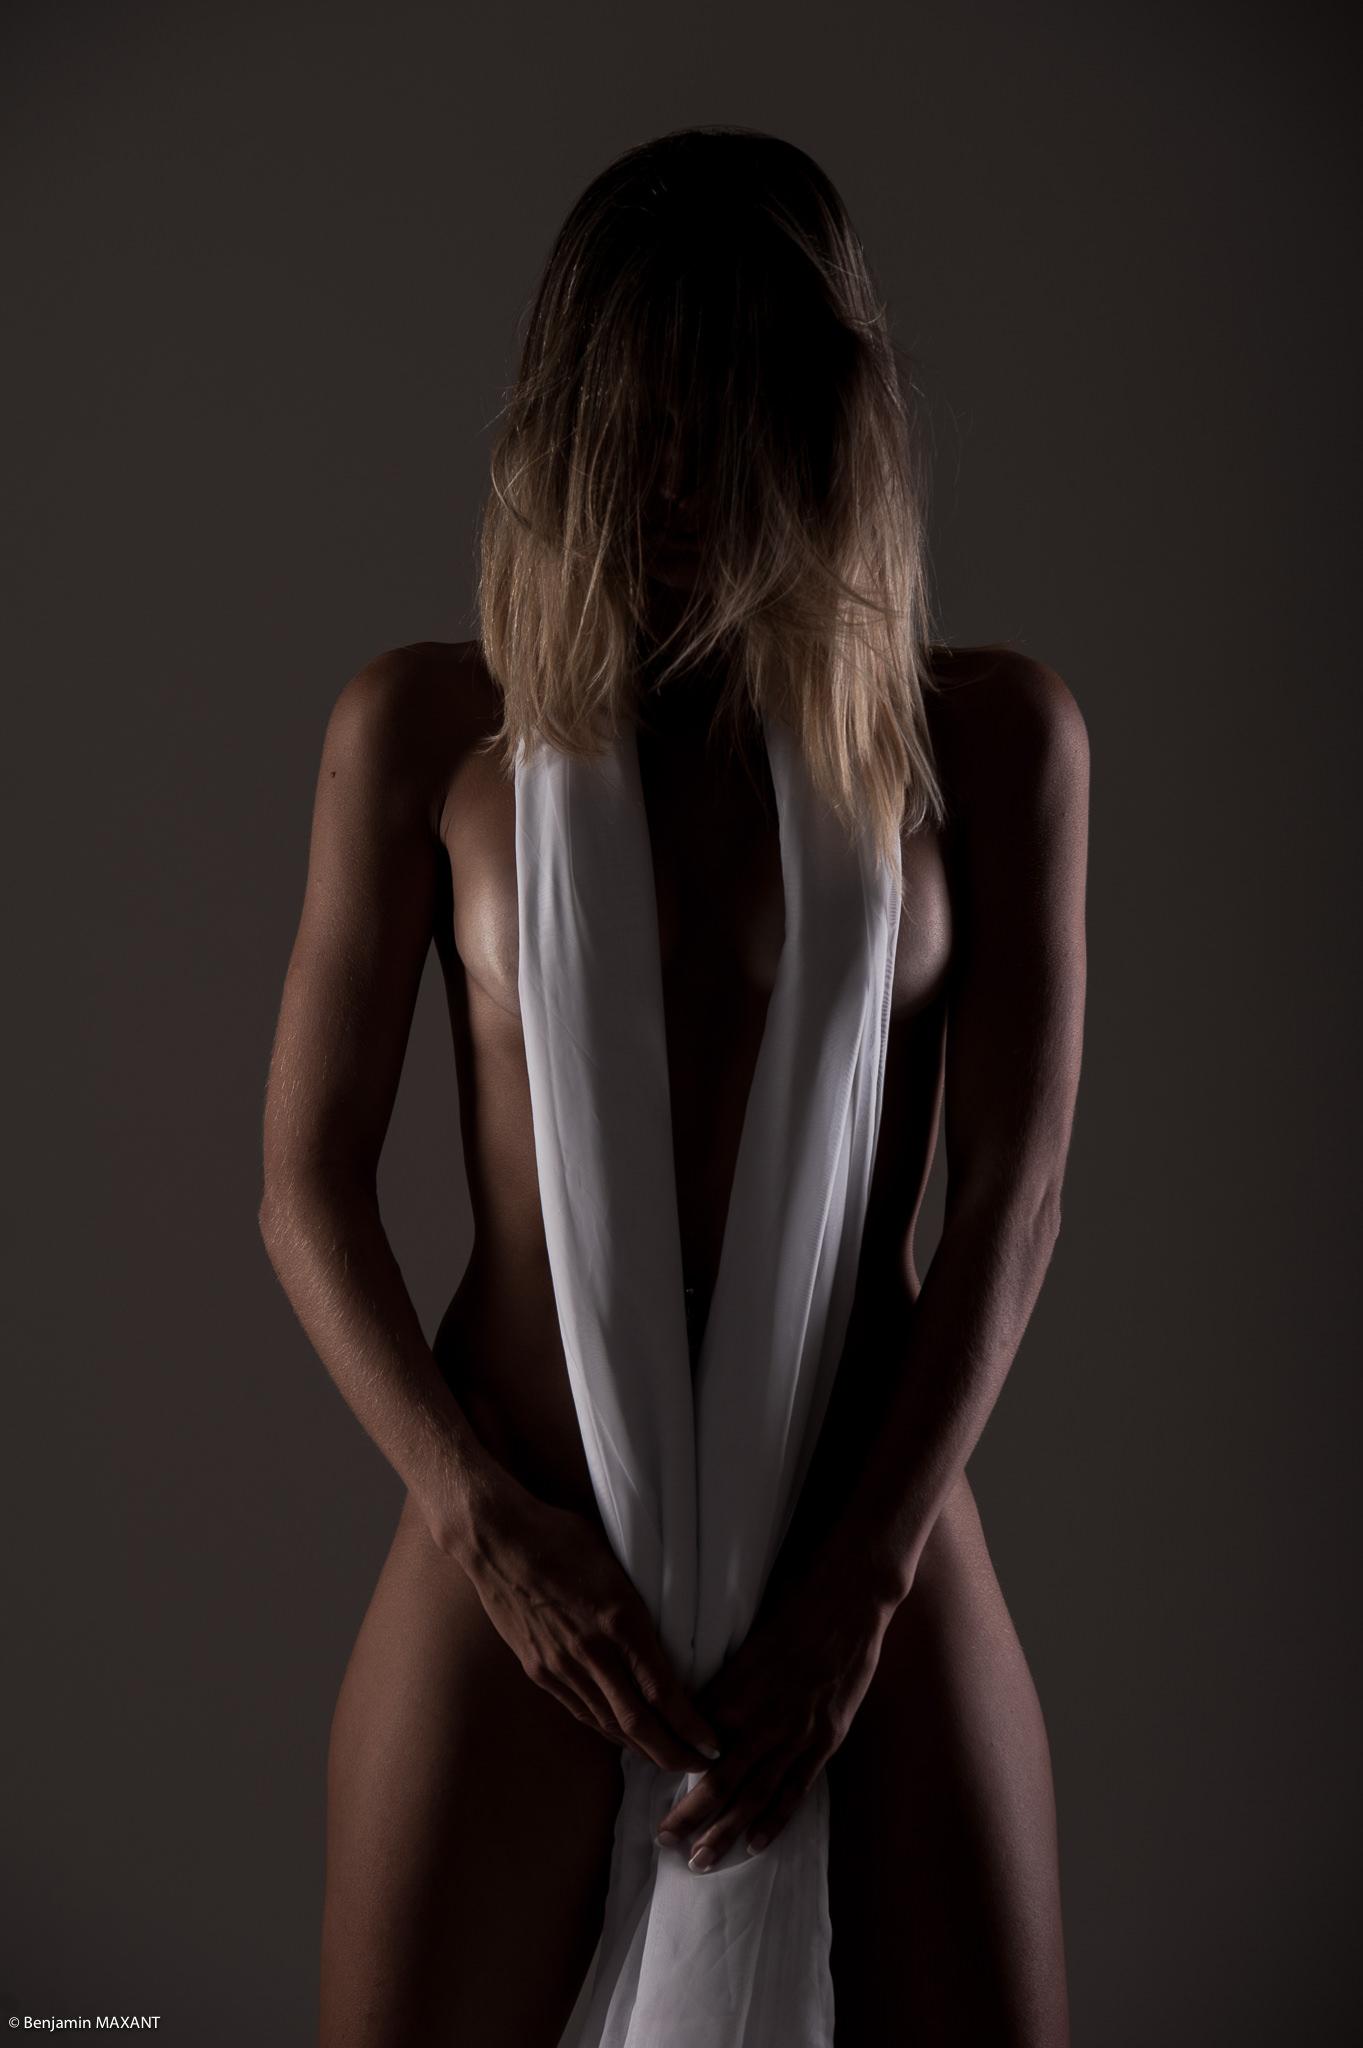 Séance photo lingerie en studio avec Emeline - nue de face voile blanc